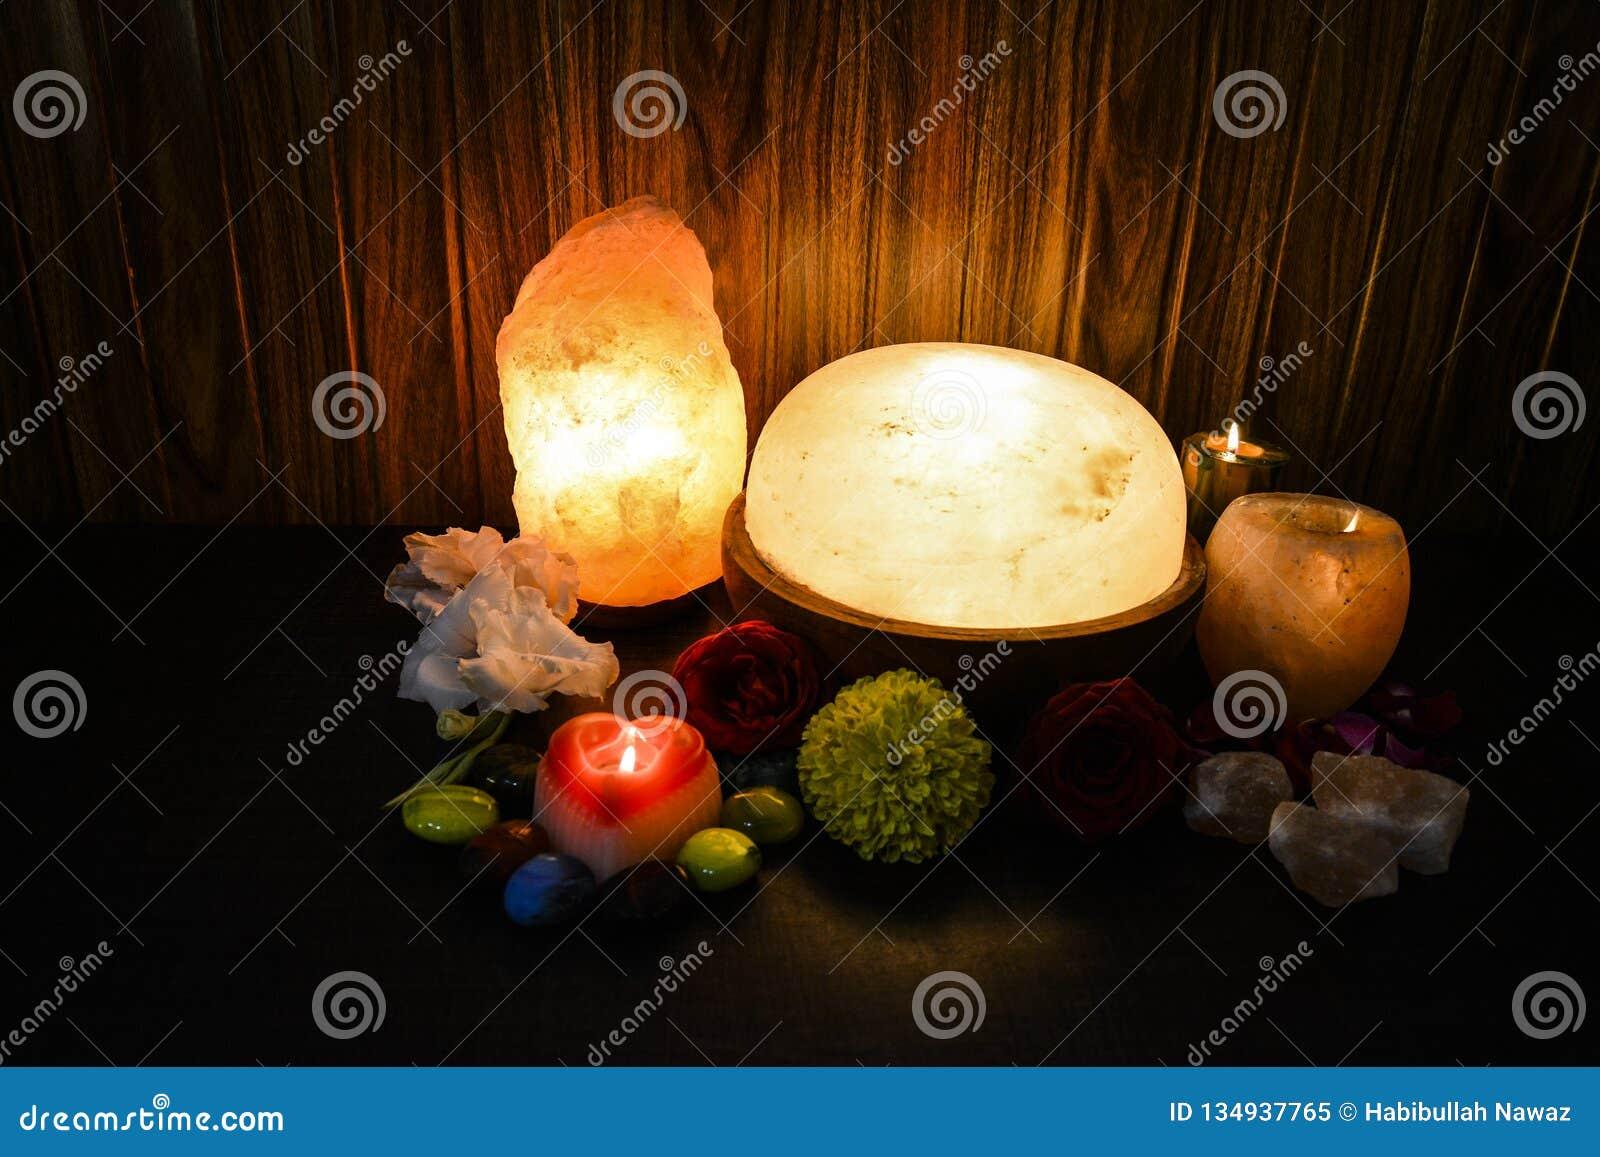 Himalayan Salt Lamps Natural Candle Holder Foot Detoxer